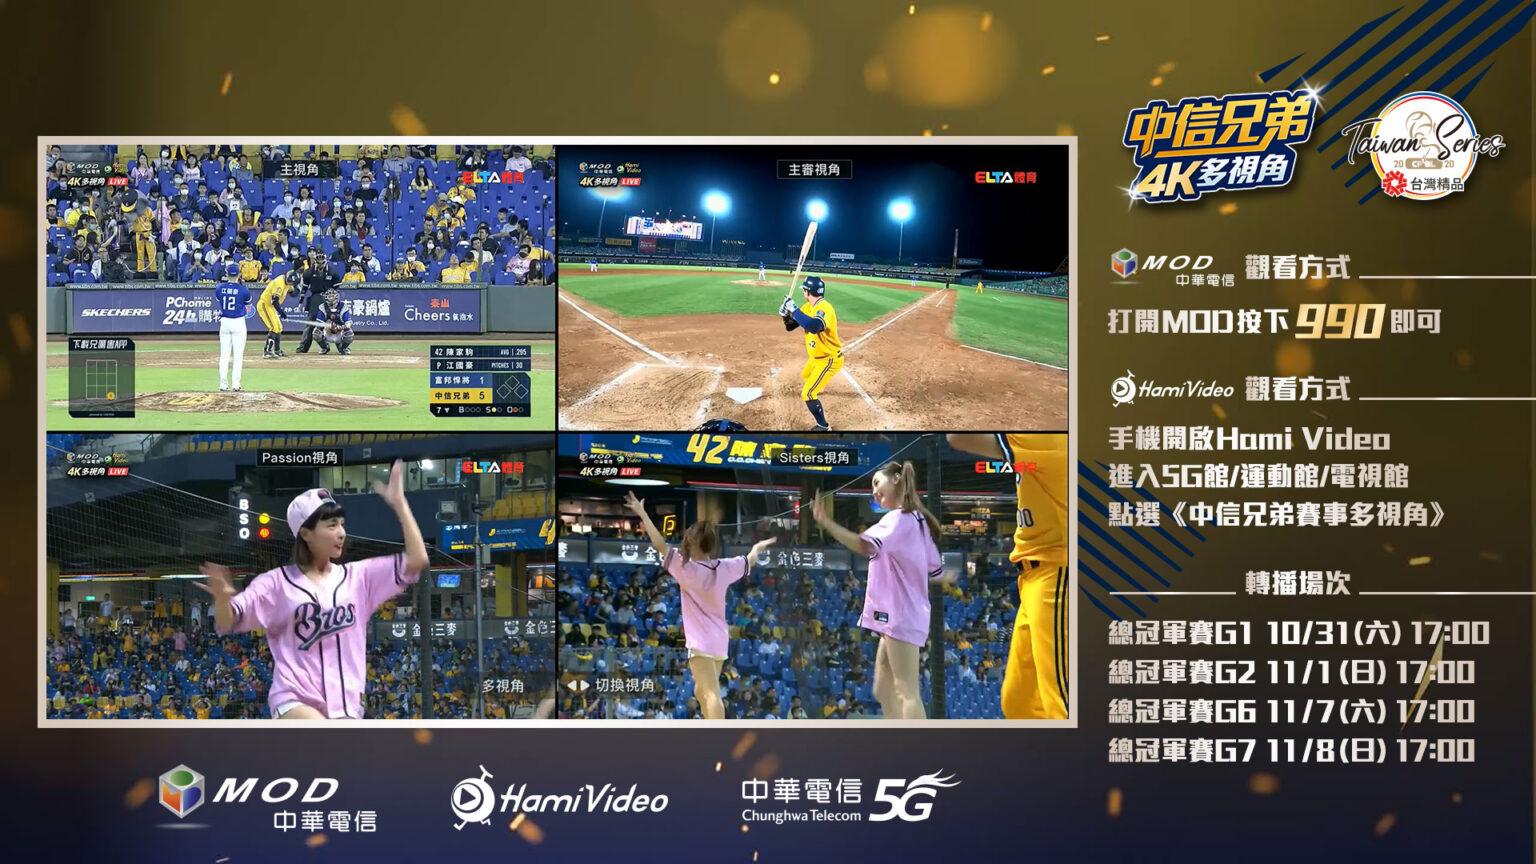 中華電信MOD、Hami Video 創新職棒轉播無極限 4個冠軍賽神視角 史無前例同時看-科技-HiNet生活誌